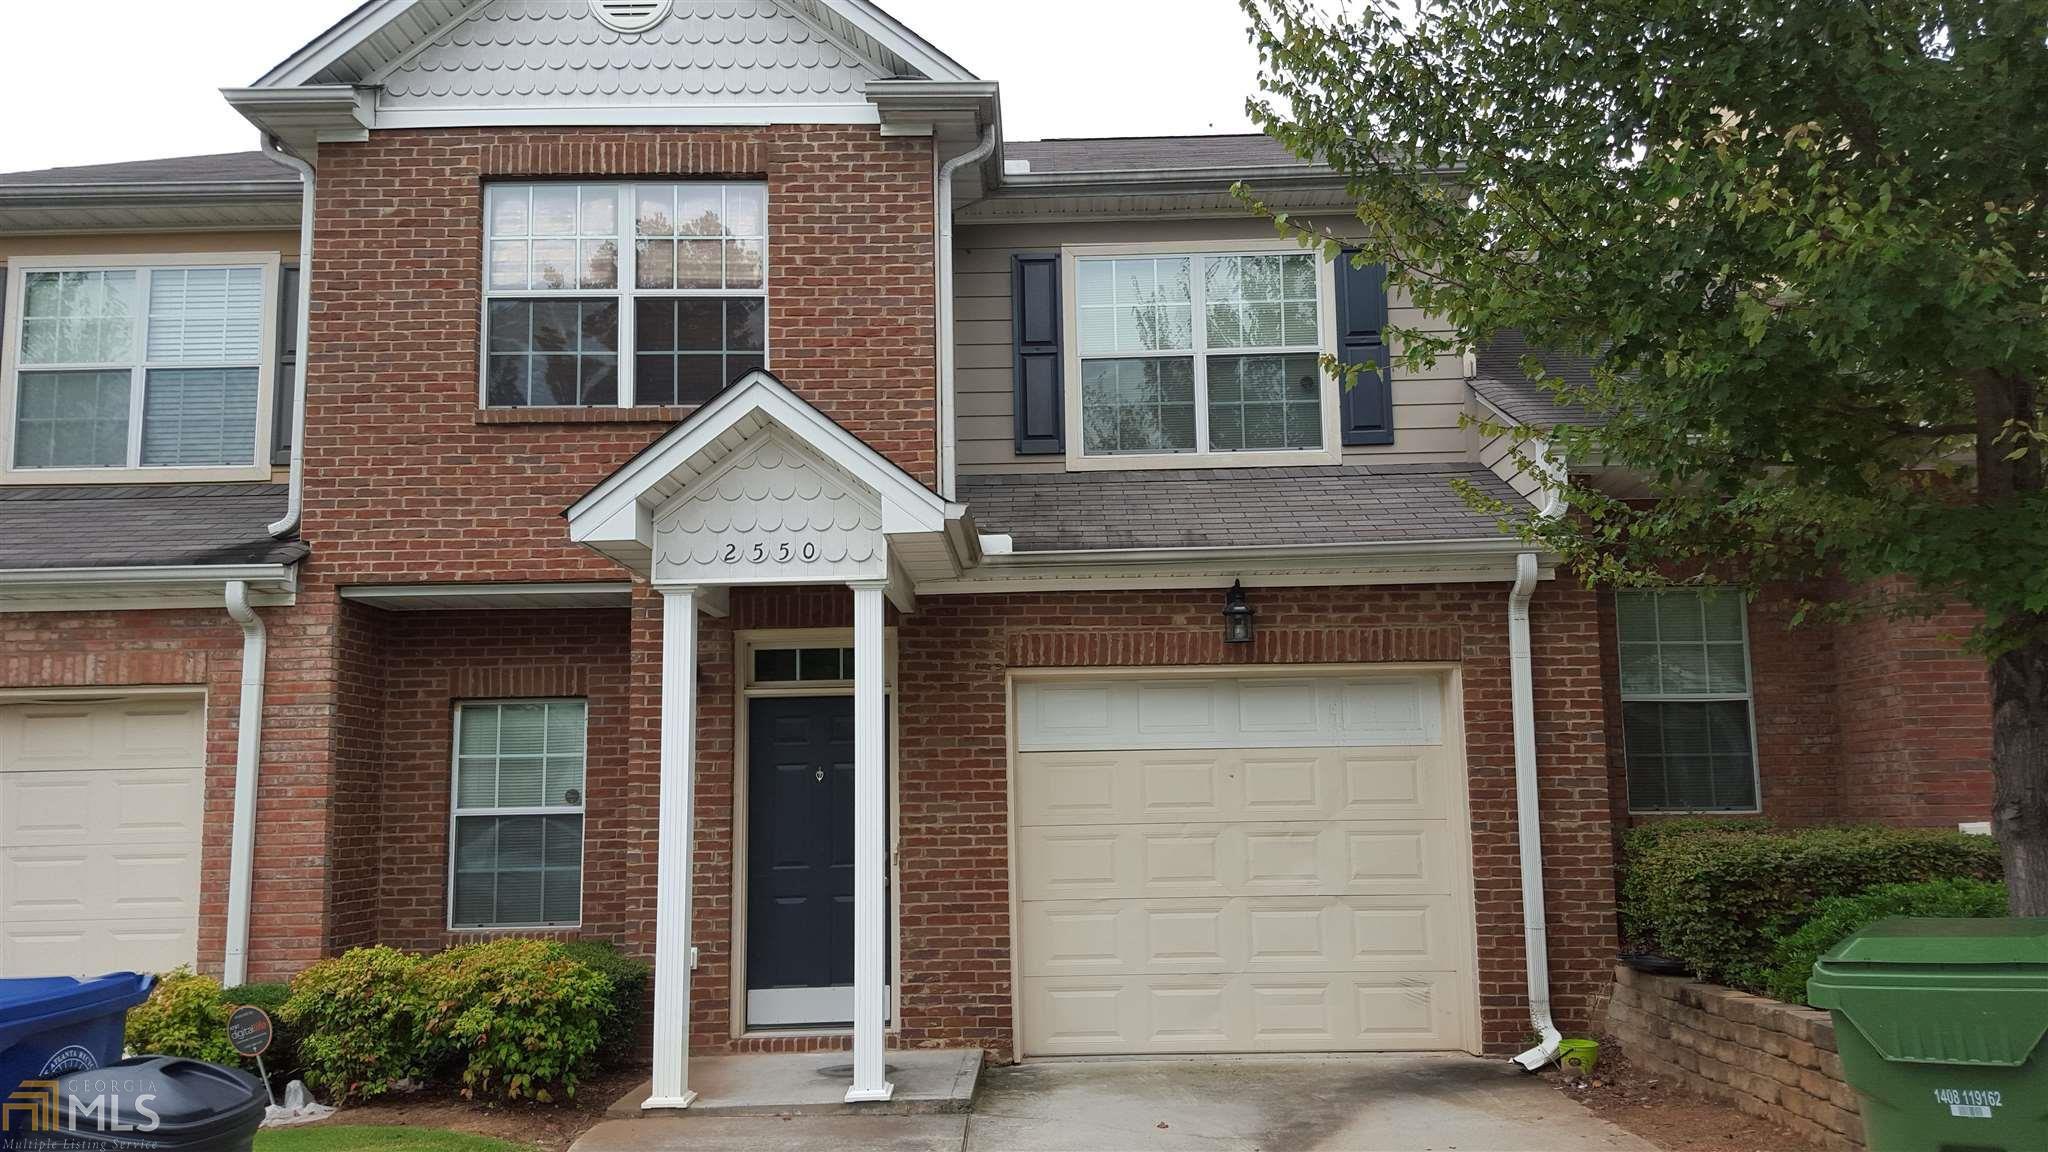 2550 Laurel Cir NW Atlanta GA Estimate and Home Details